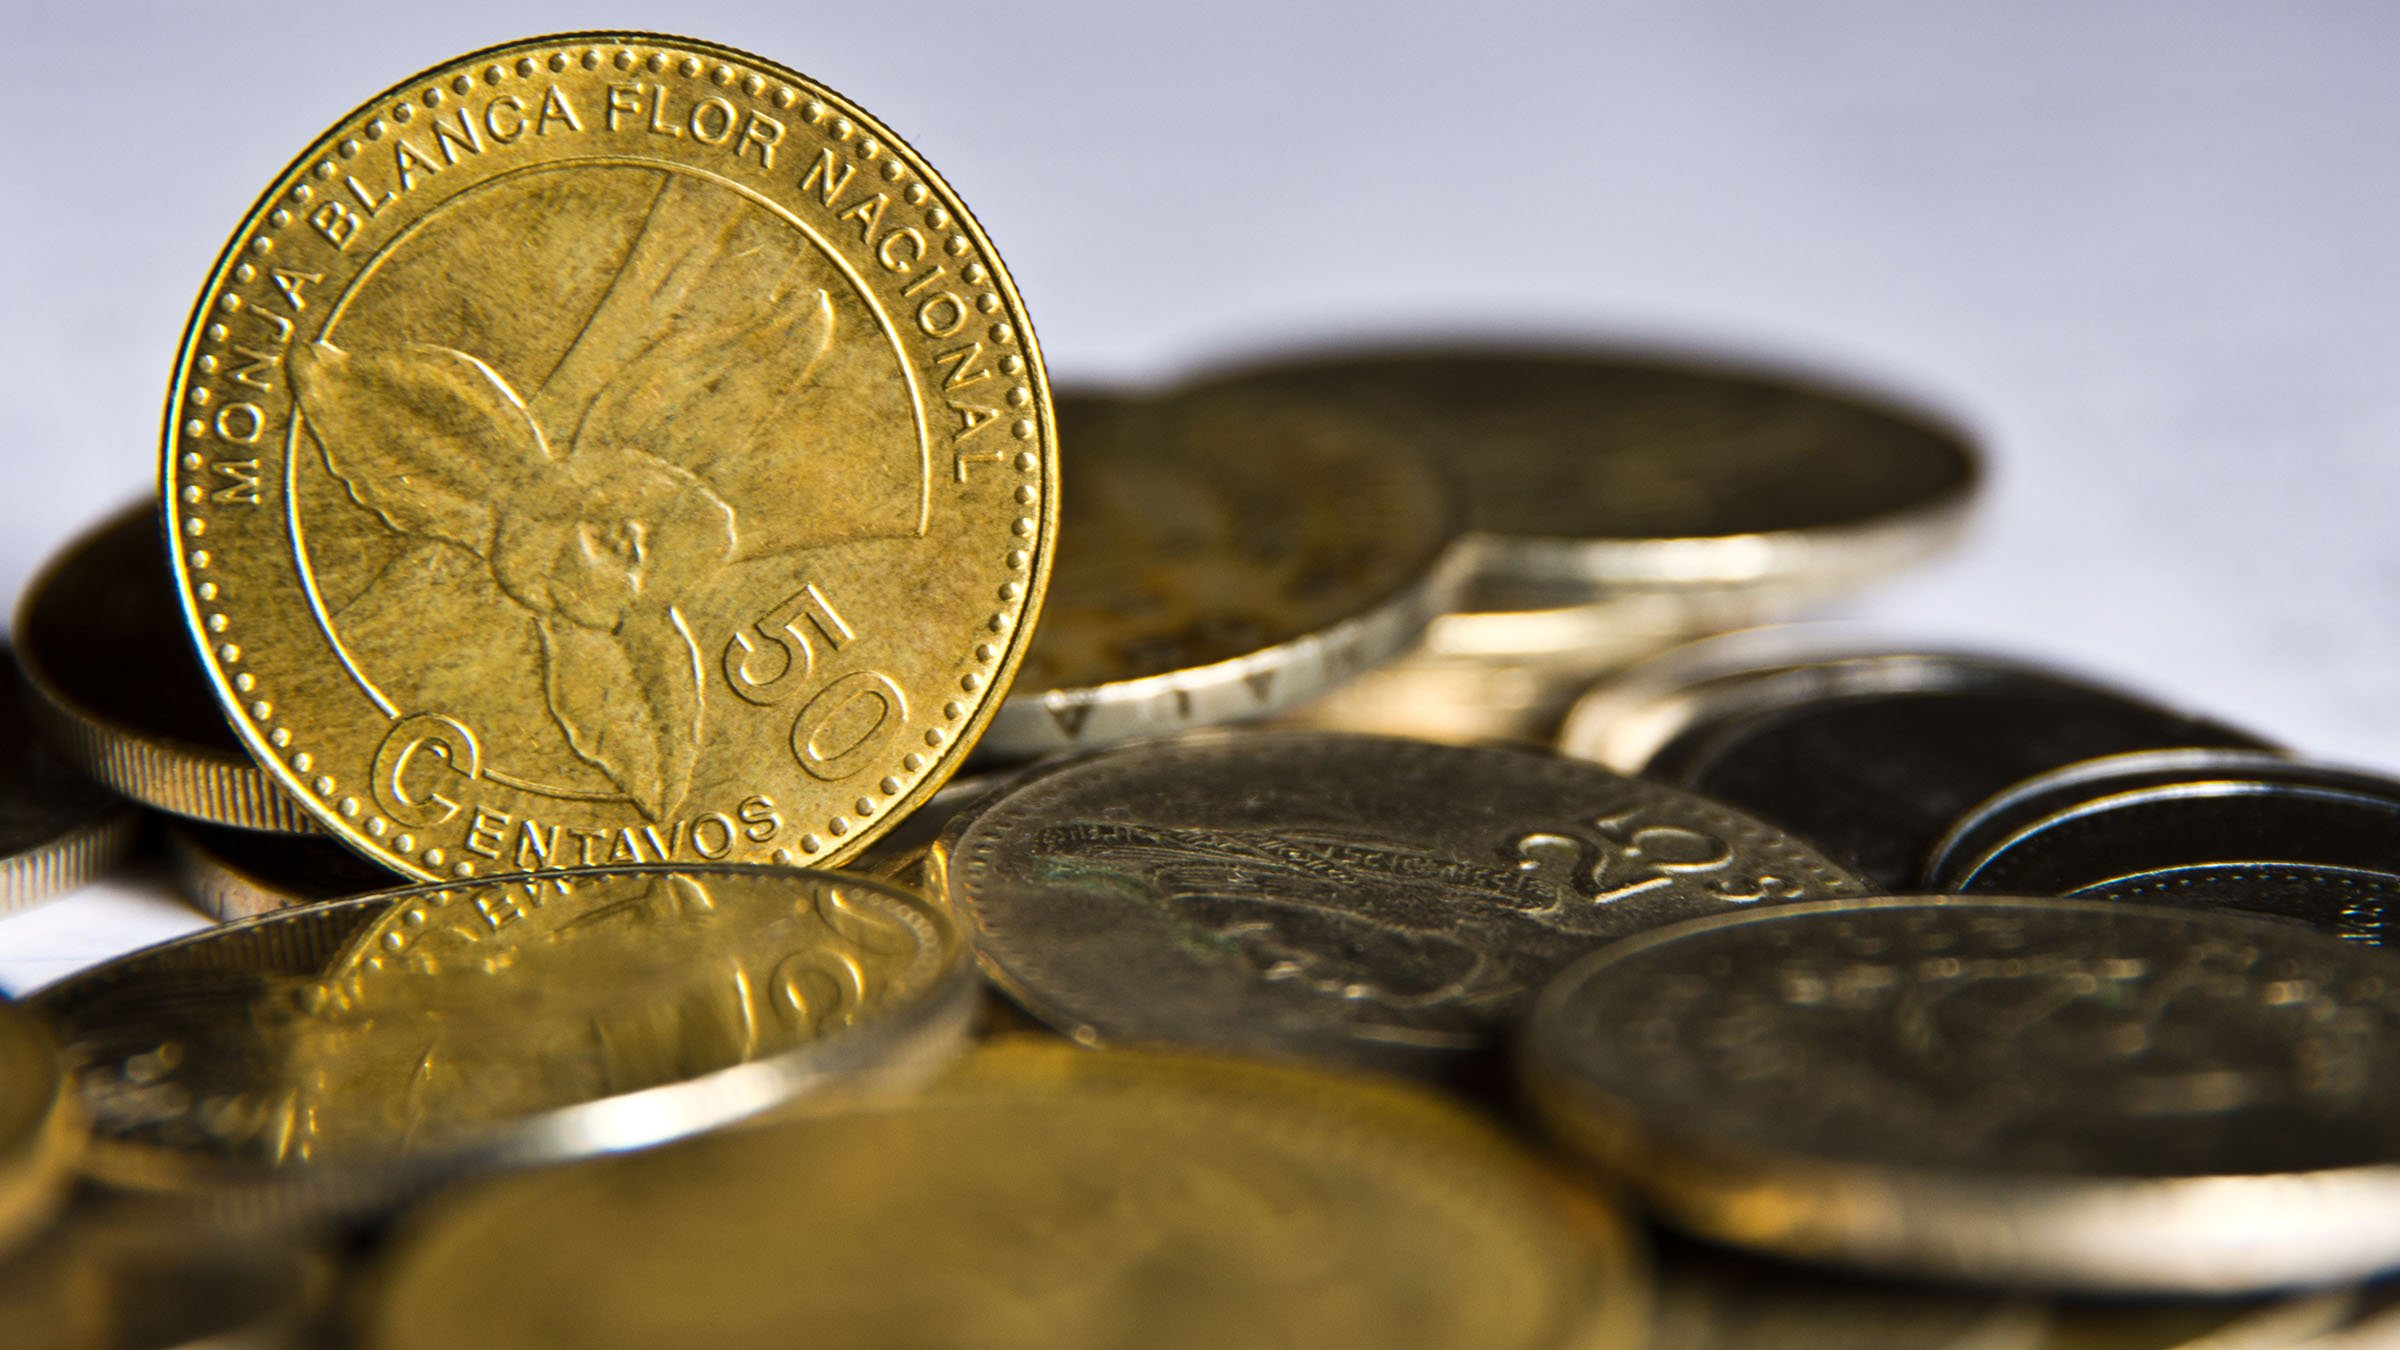 La Monja Blanca Y Moneda De 50 Centavos Guatemala